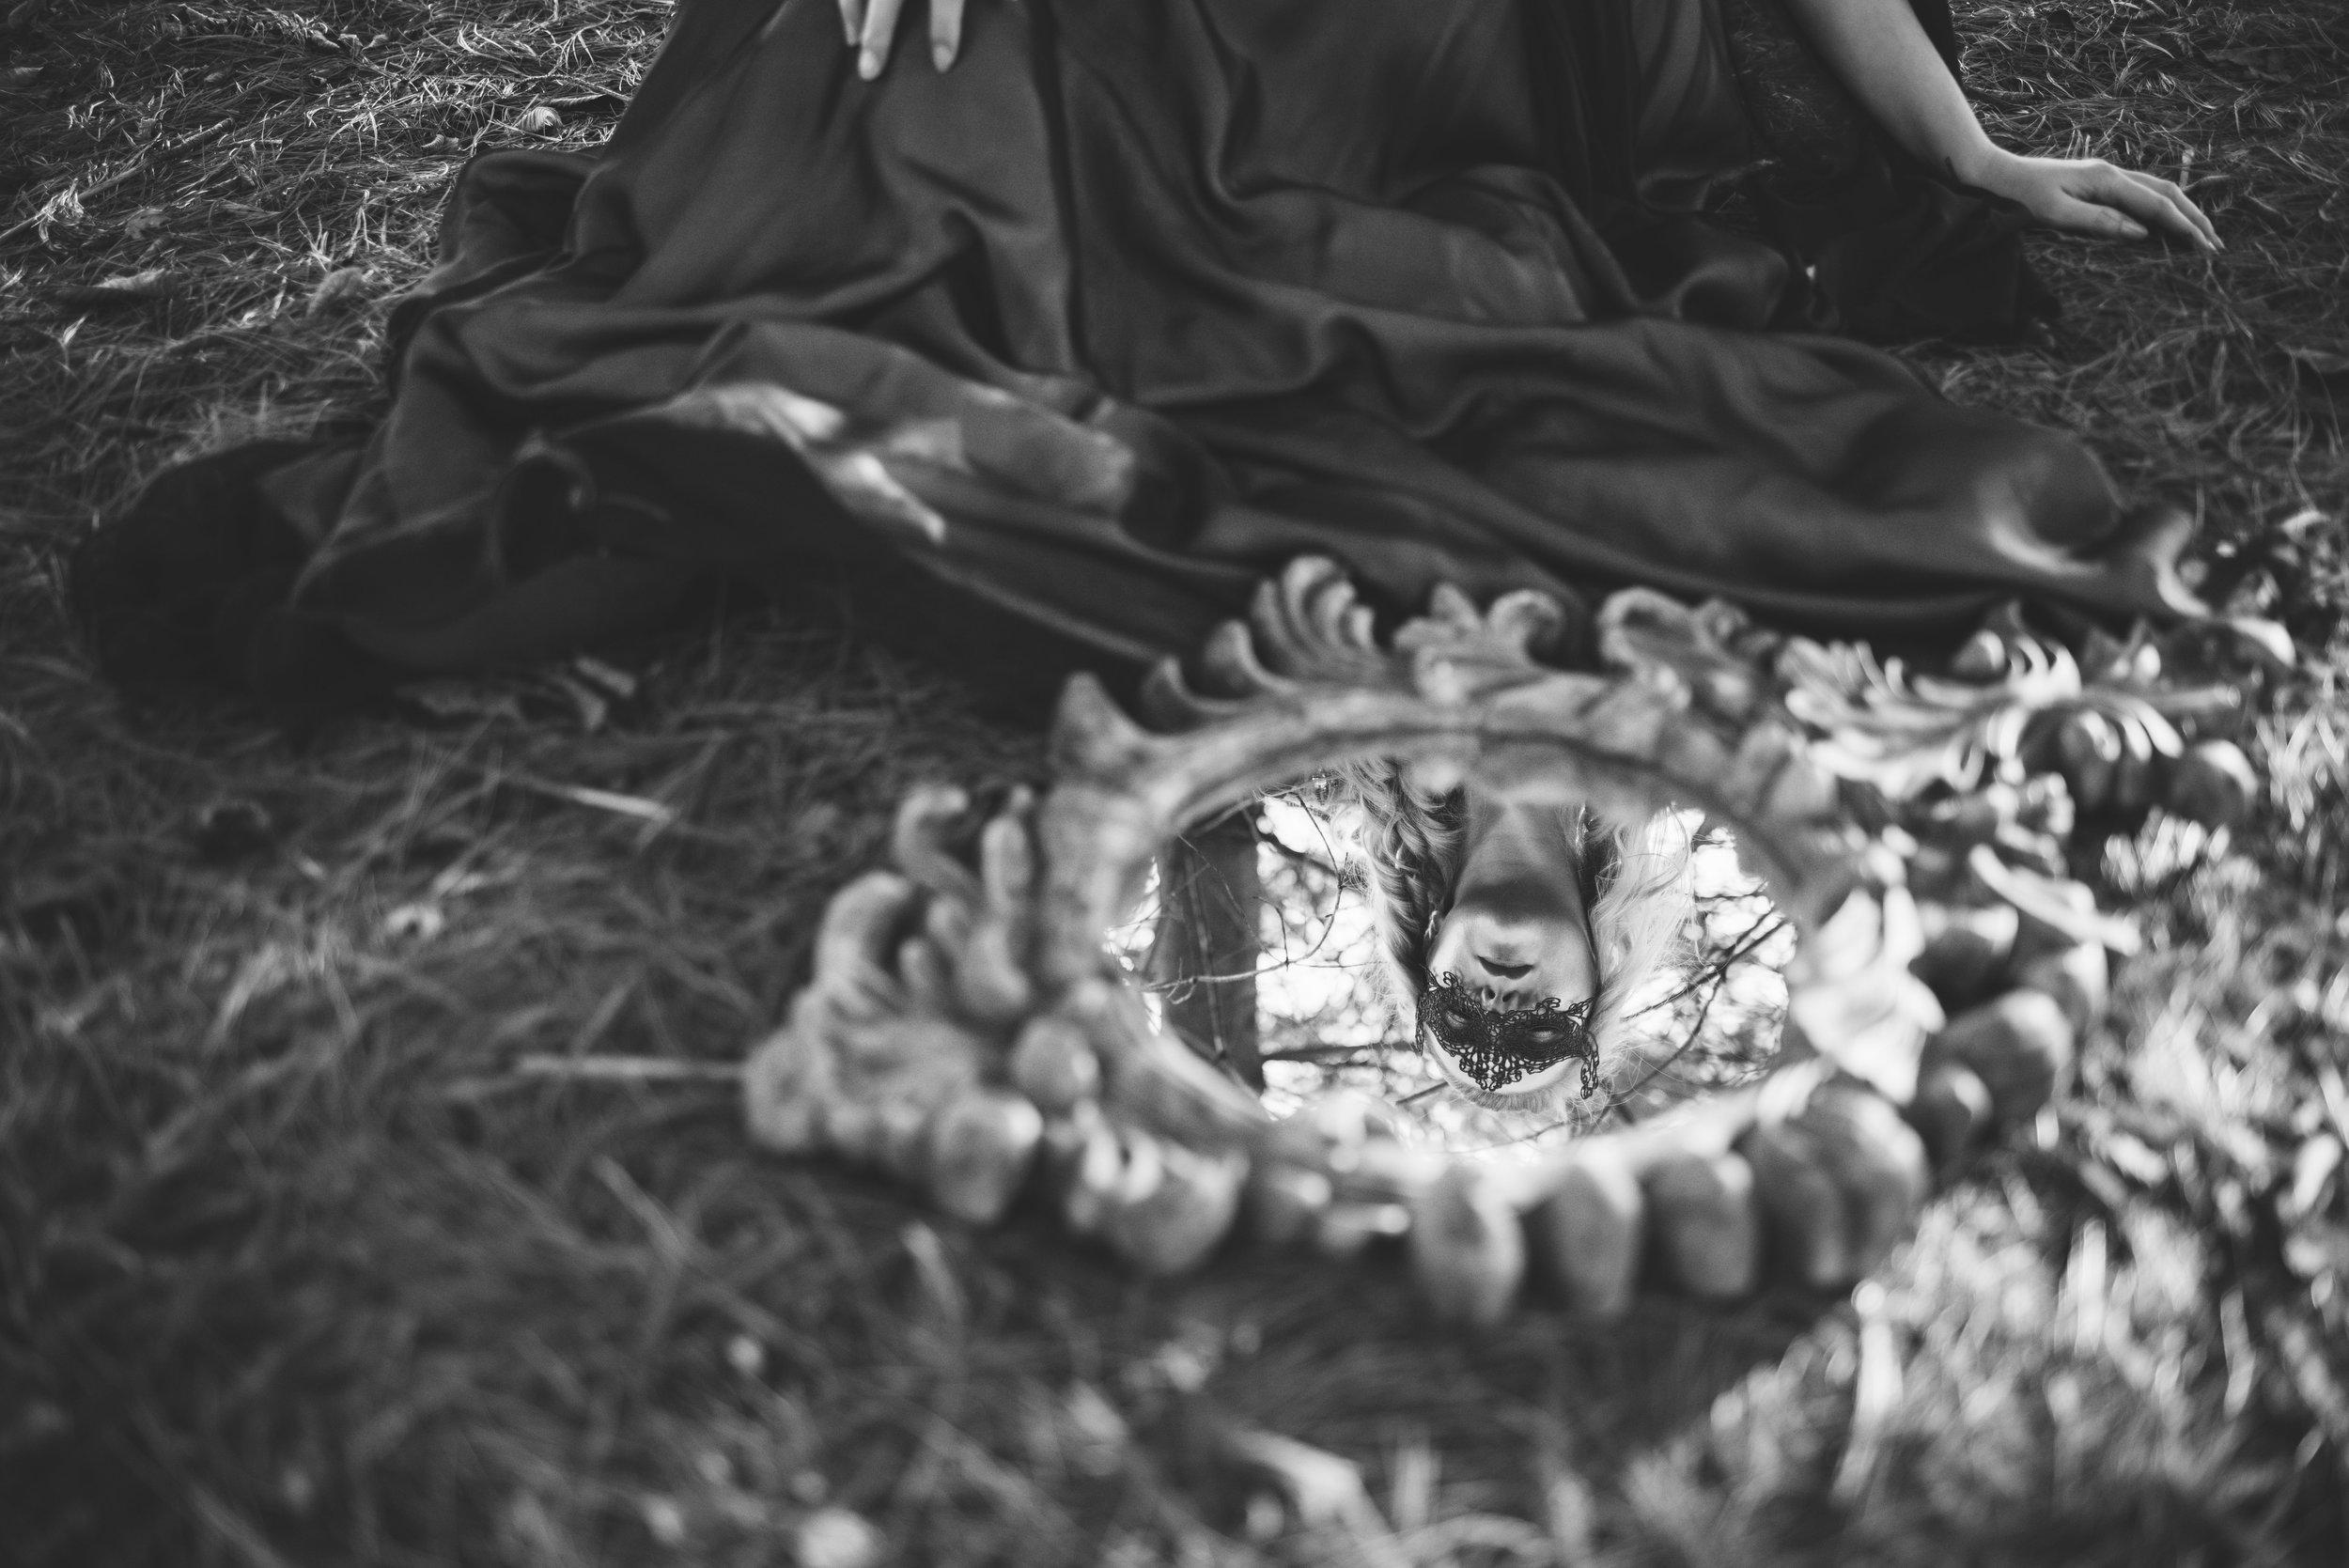 toledo model themed photo shoot black dress holloween-13.jpg